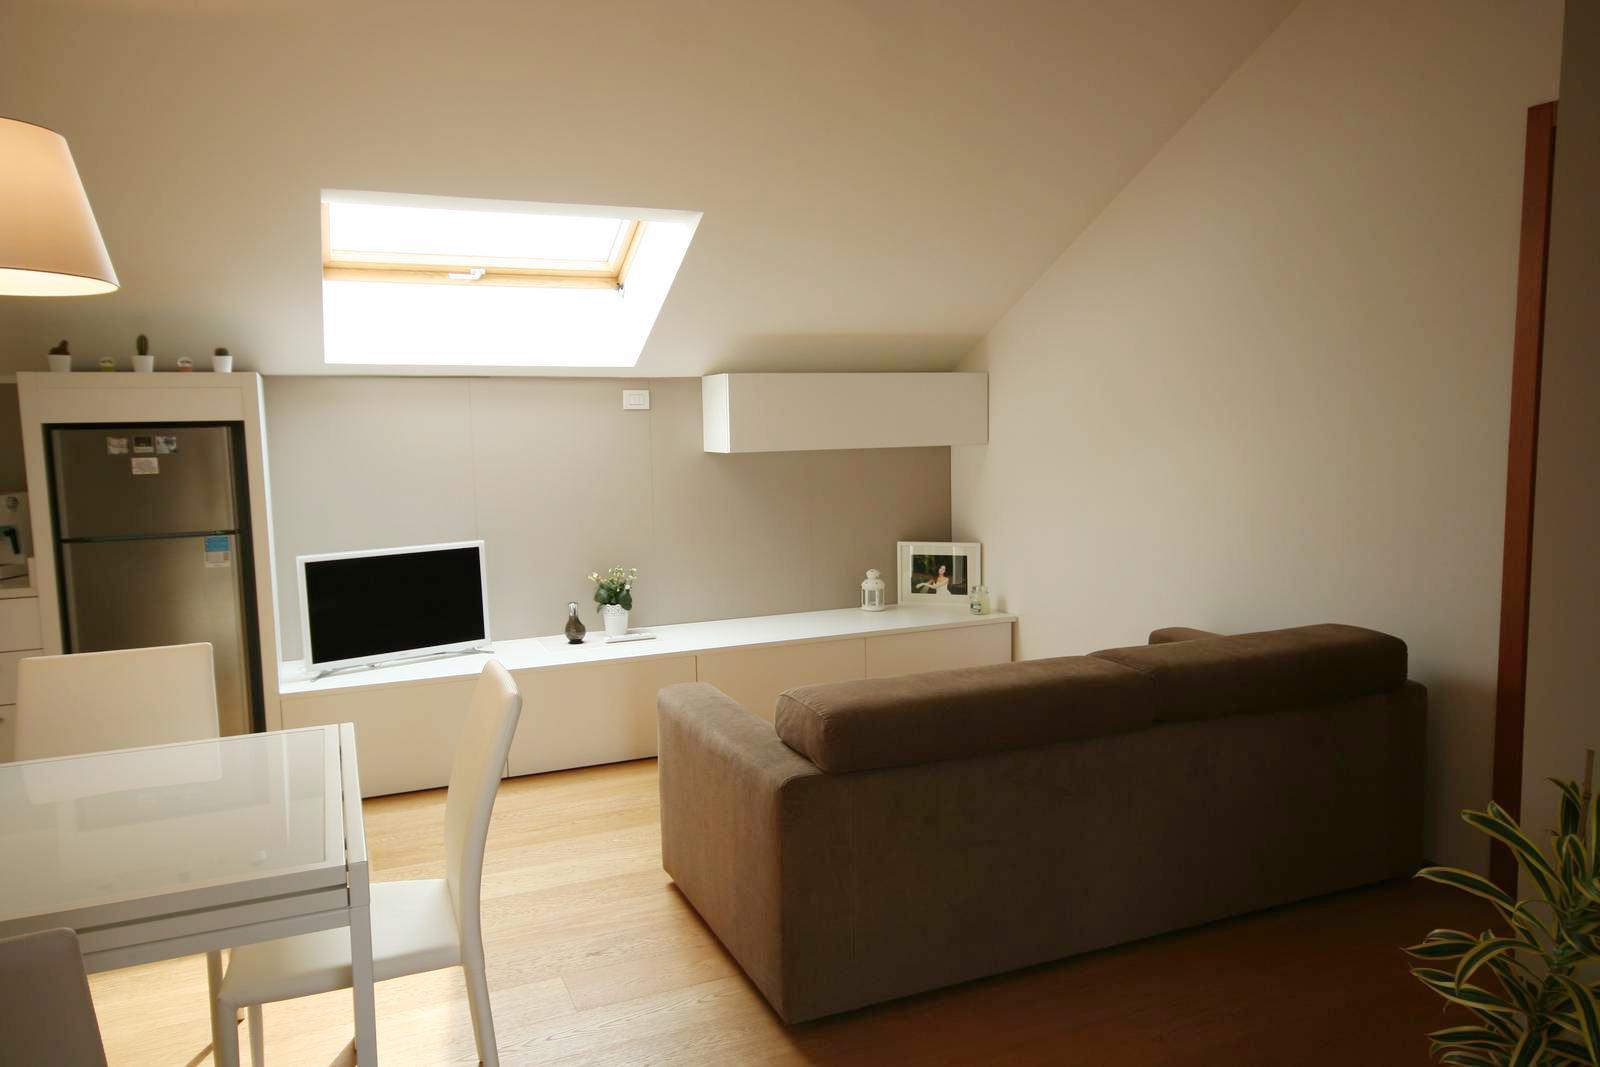 Arredare mansarda open space affordable come arredare un sottotetto basso redesign lab - Sfruttare sottotetto basso ...